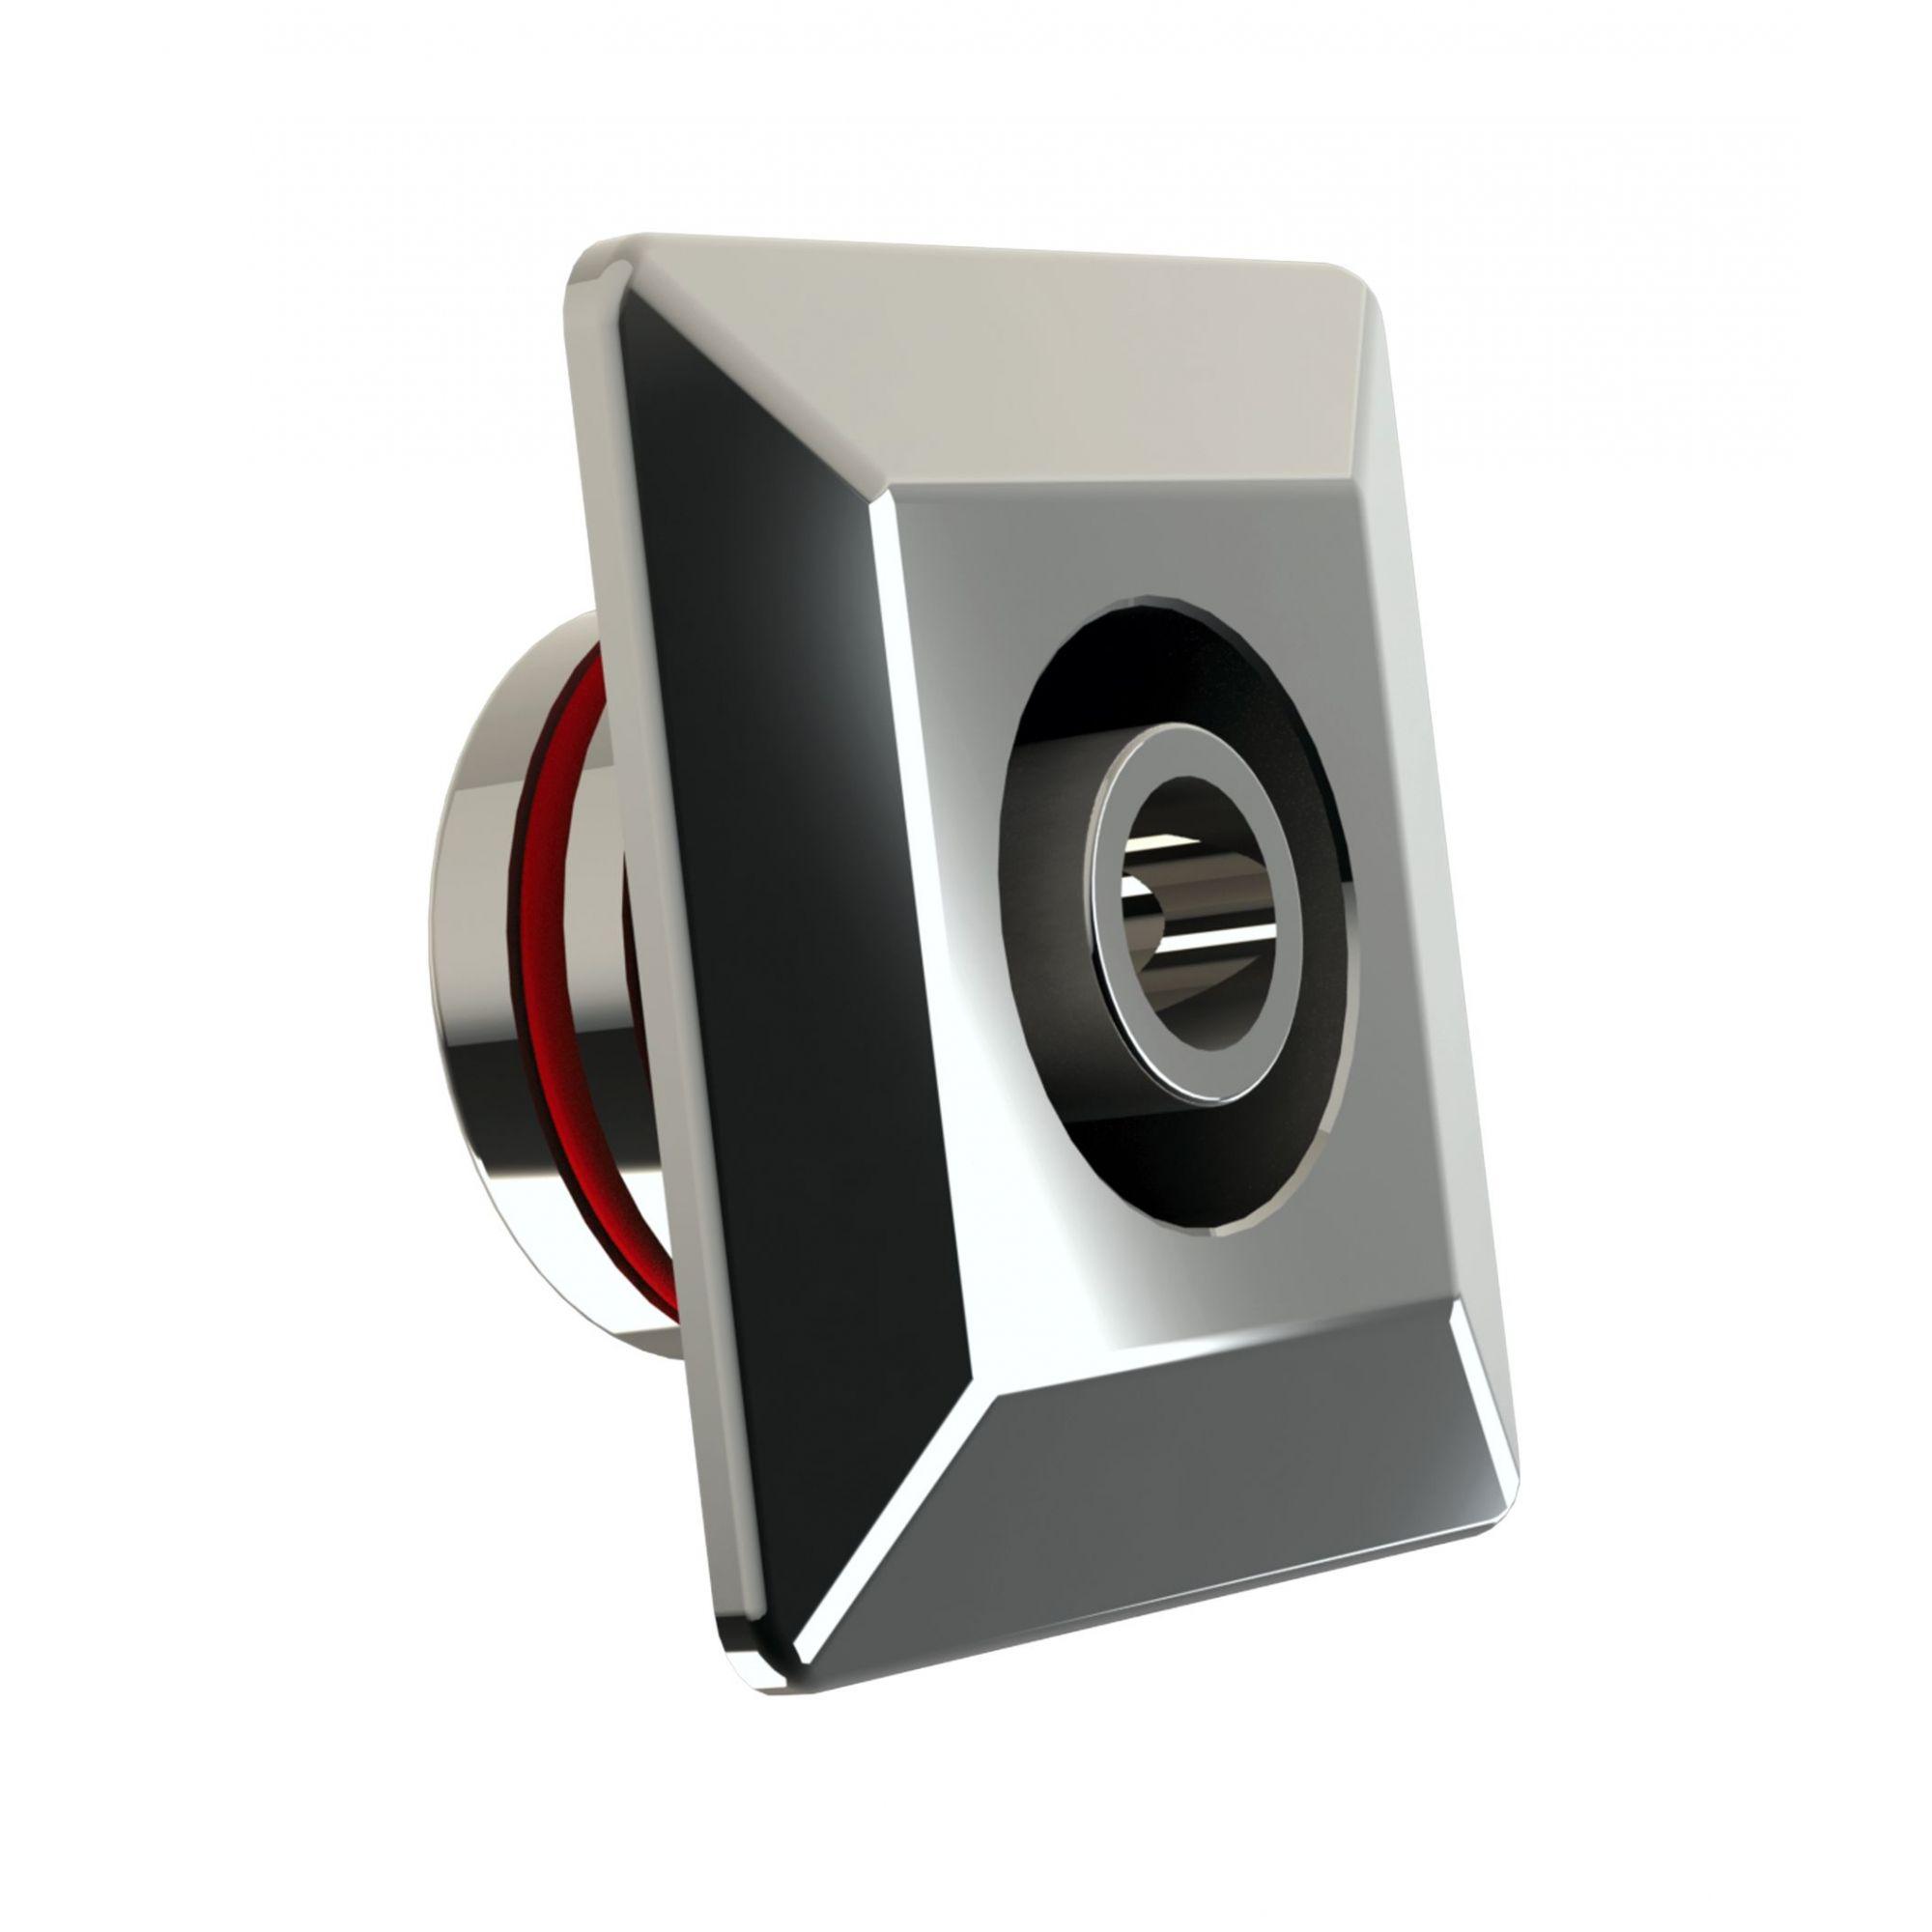 kit Dispositivo Quadrados Piscina Em Inox THolz